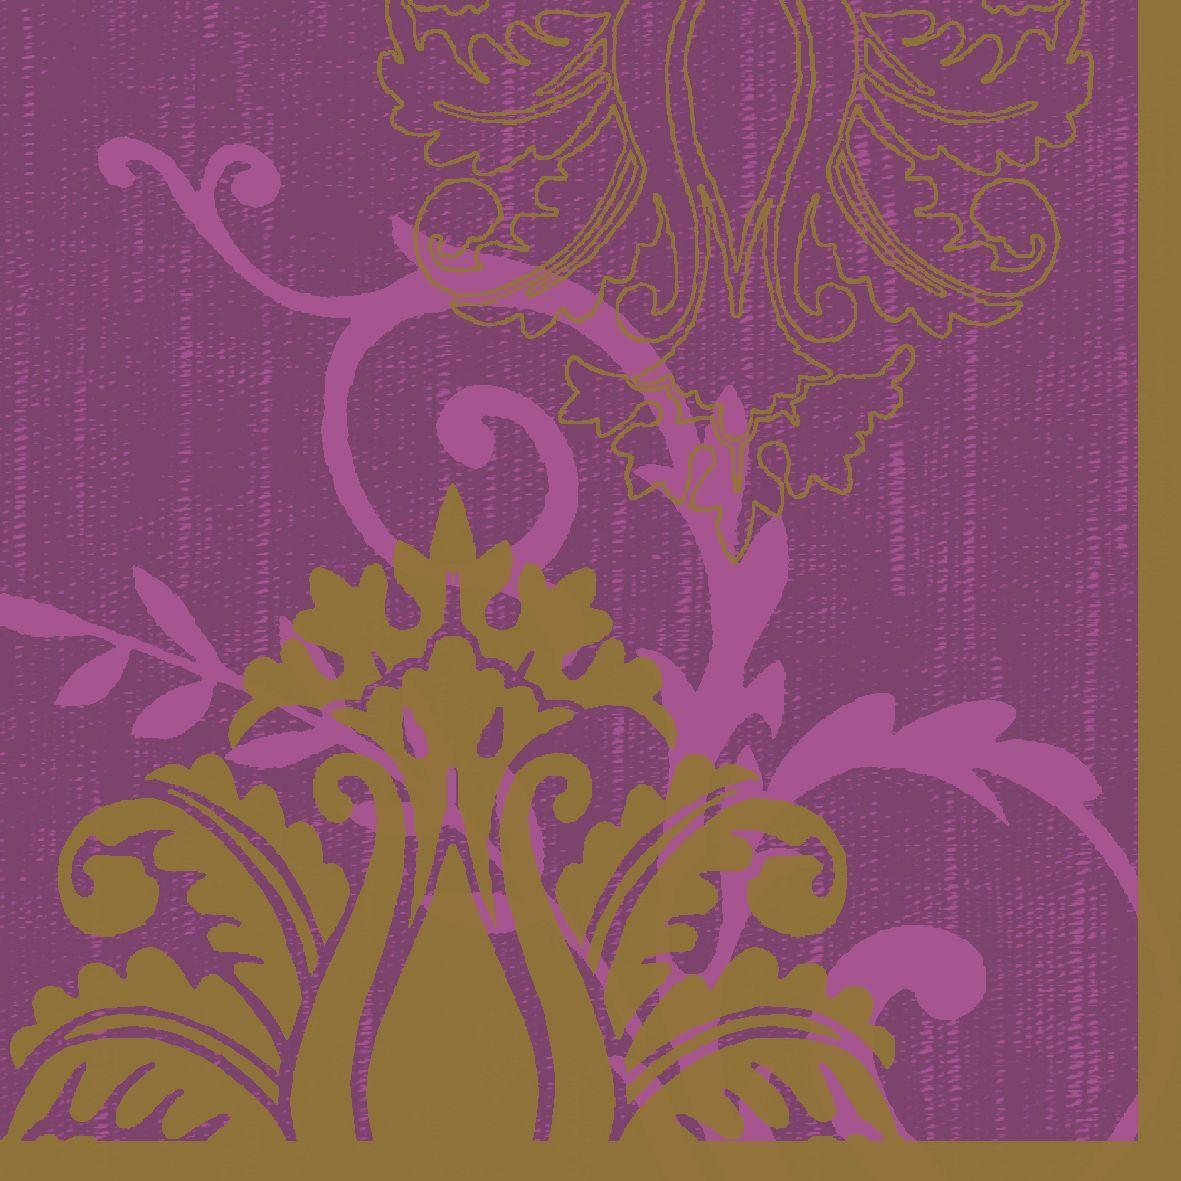 Салфетки бумажные Duni, 3-слойные, цвет: фиолетовый, 33 х 33 смVT-1520(SR)Трехслойные бумажные салфетки изготовлены из экологически чистого, высококачественного сырья - 100% целлюлозы. Салфетки выполнены в оригинальном и современном стиле, прекрасно сочетаются с любым интерьером и всегда будут прекрасным и незаменимым украшением стола.